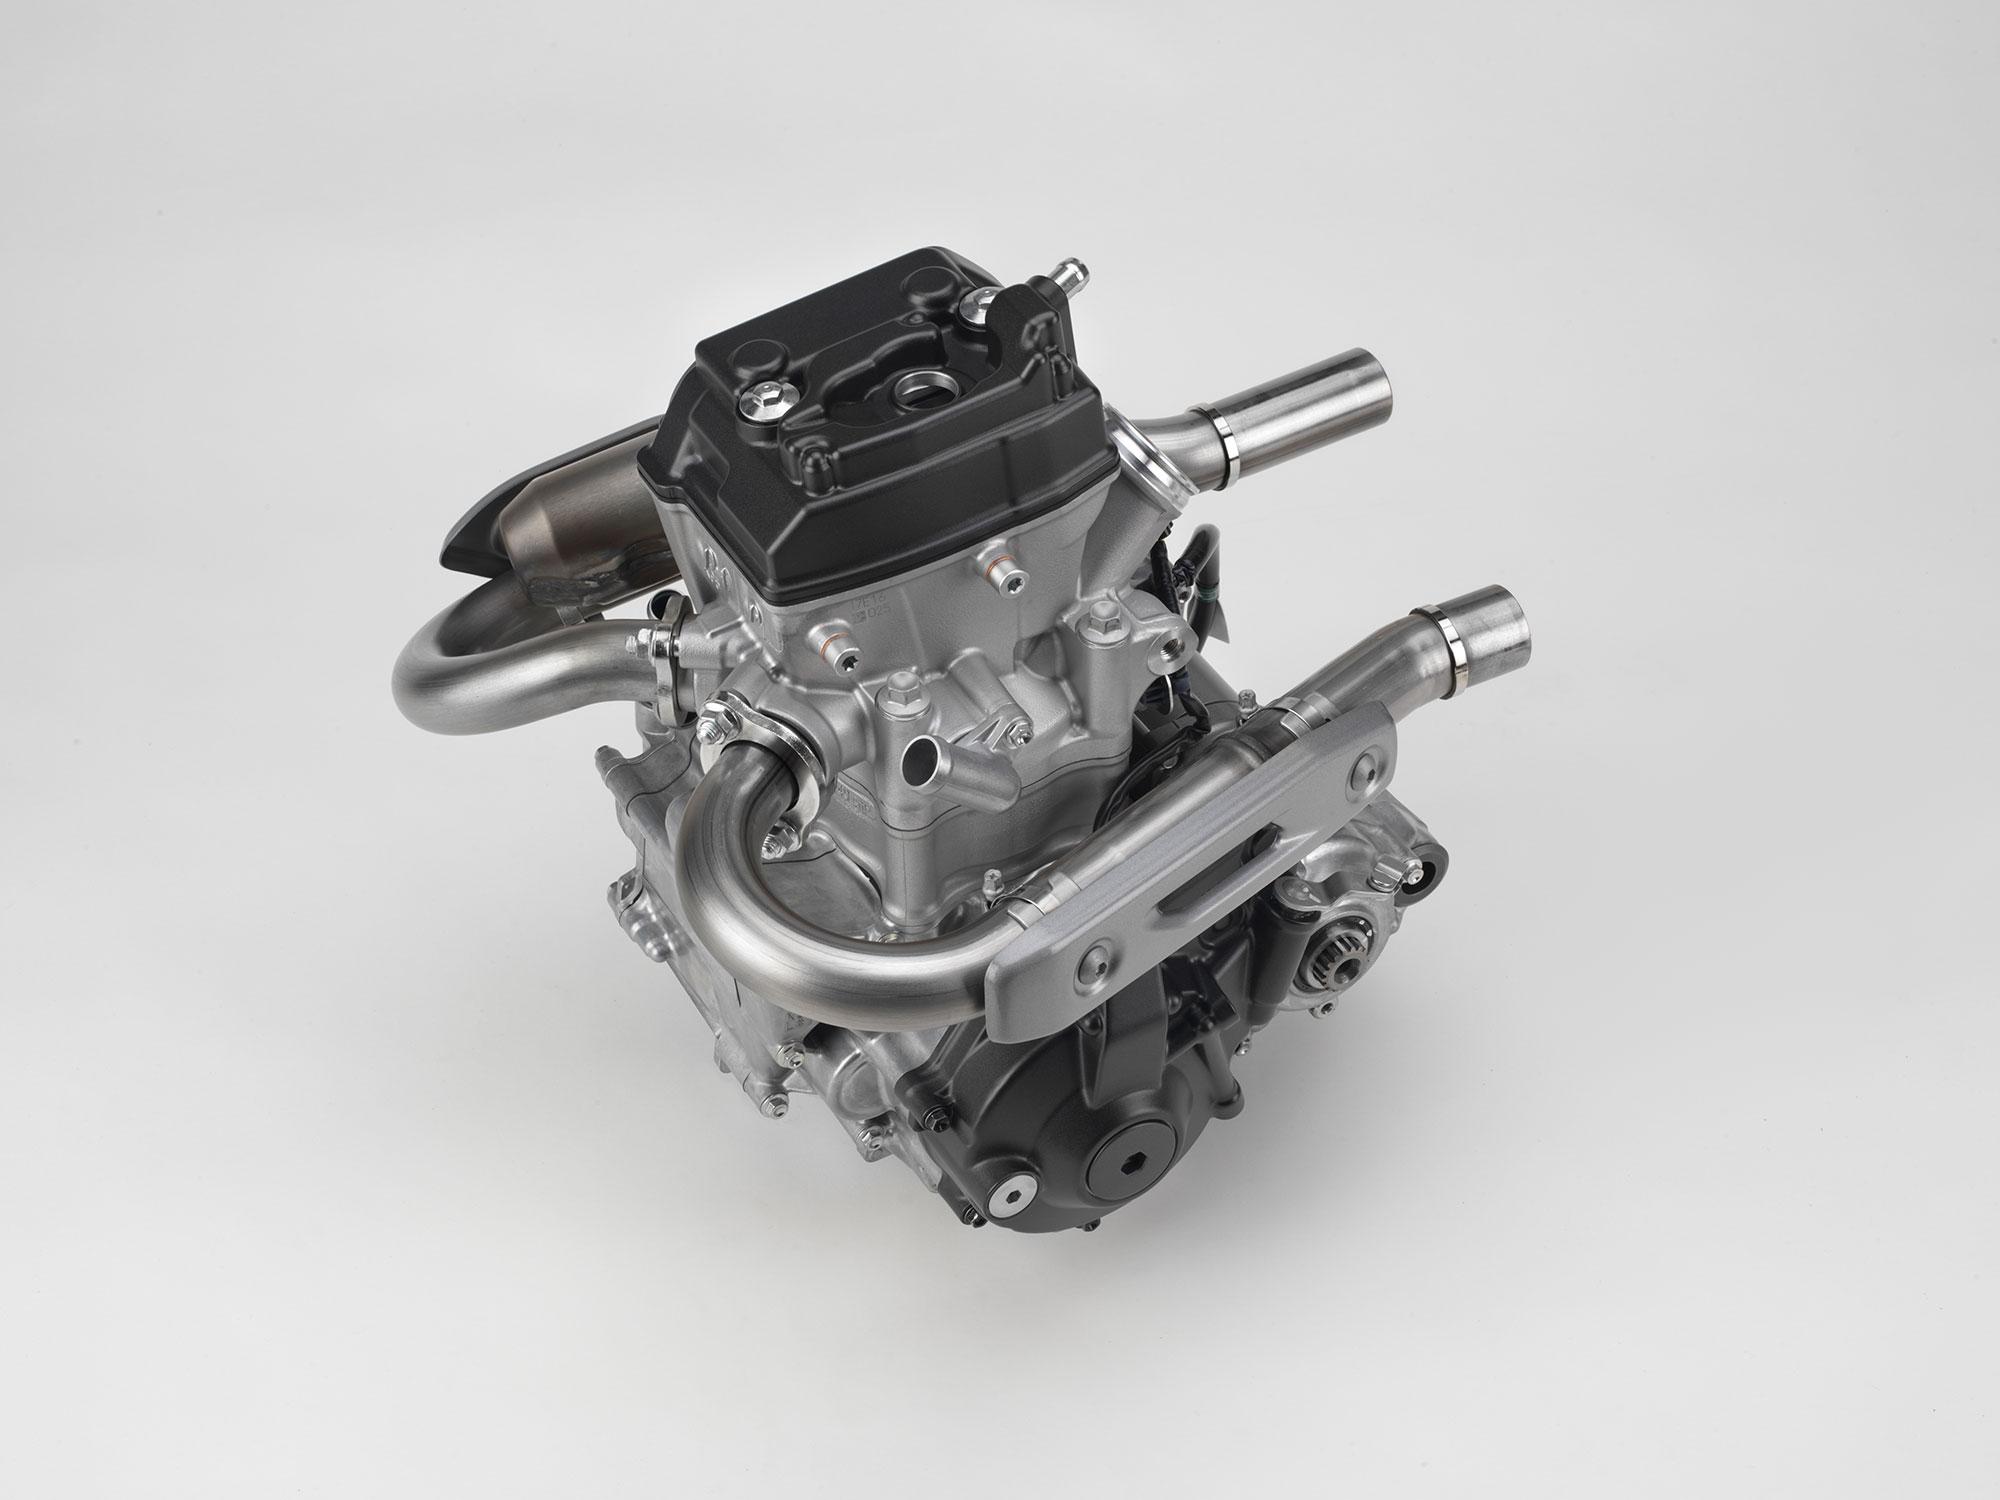 18_CRF250R_ENGINE_HEADERS_LT.jpg